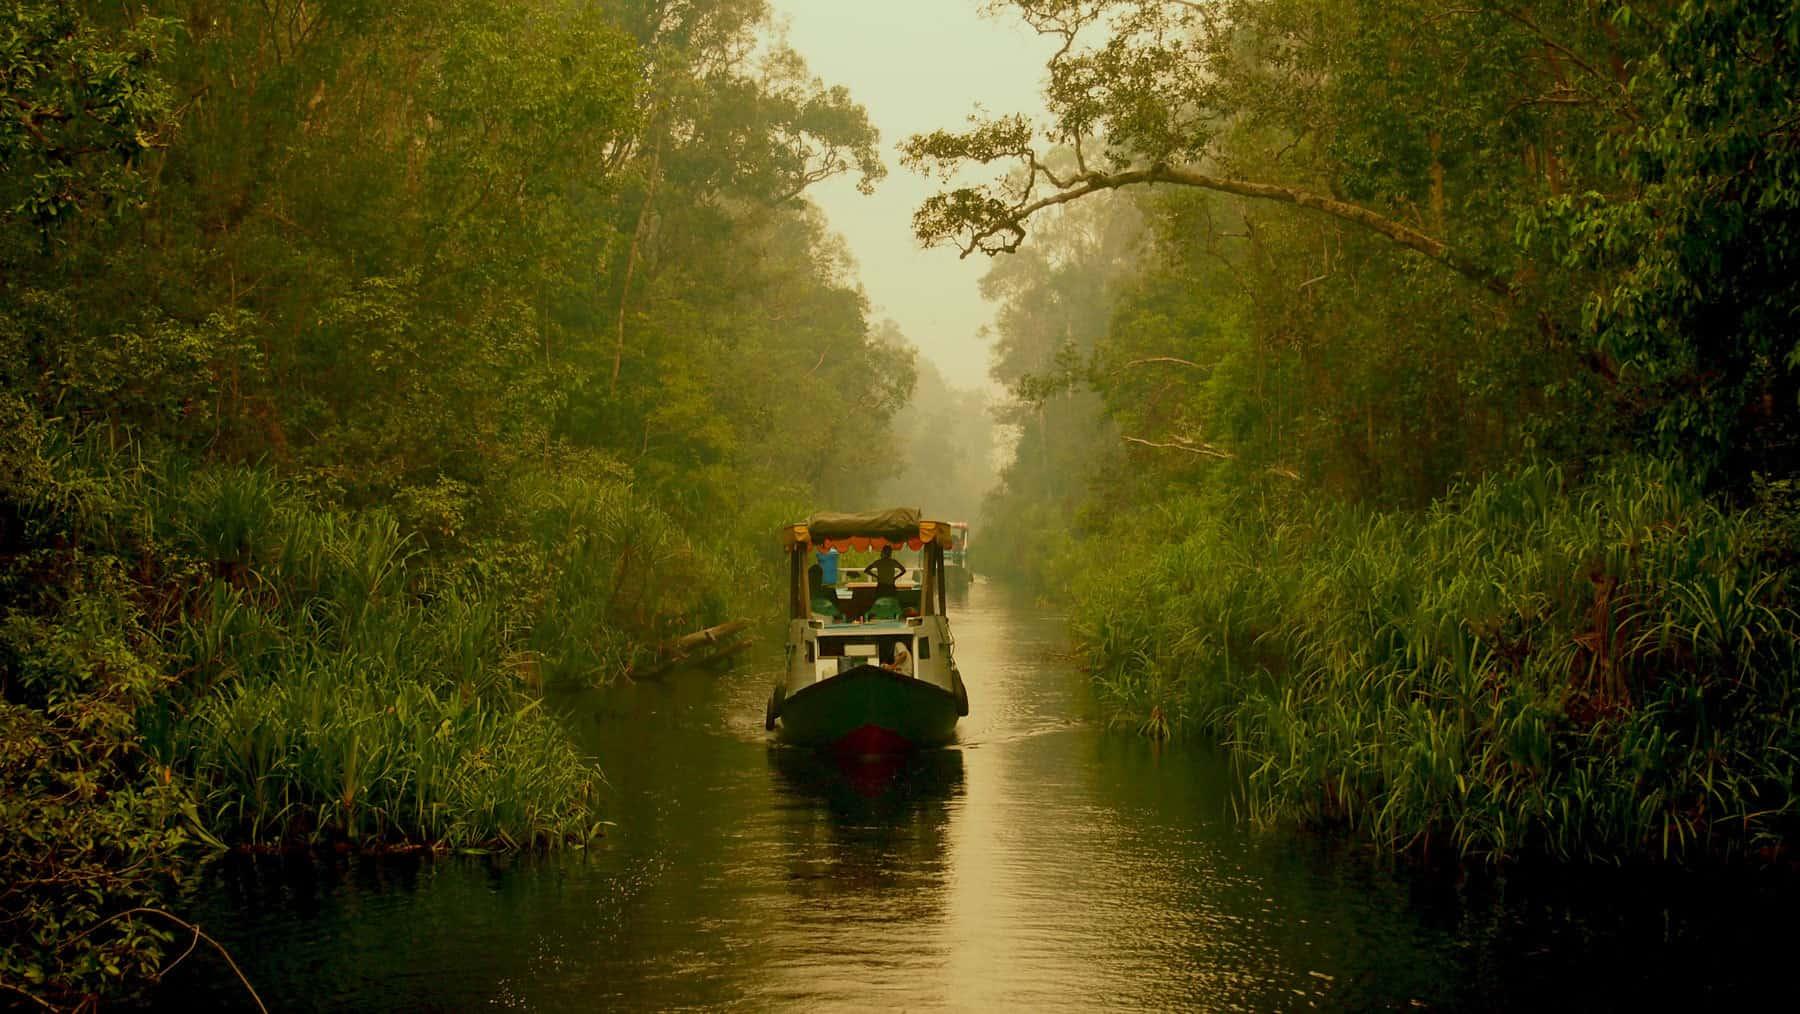 Borneo Tanjung Puting croisière rivière bateau Kalimantan Indonésie